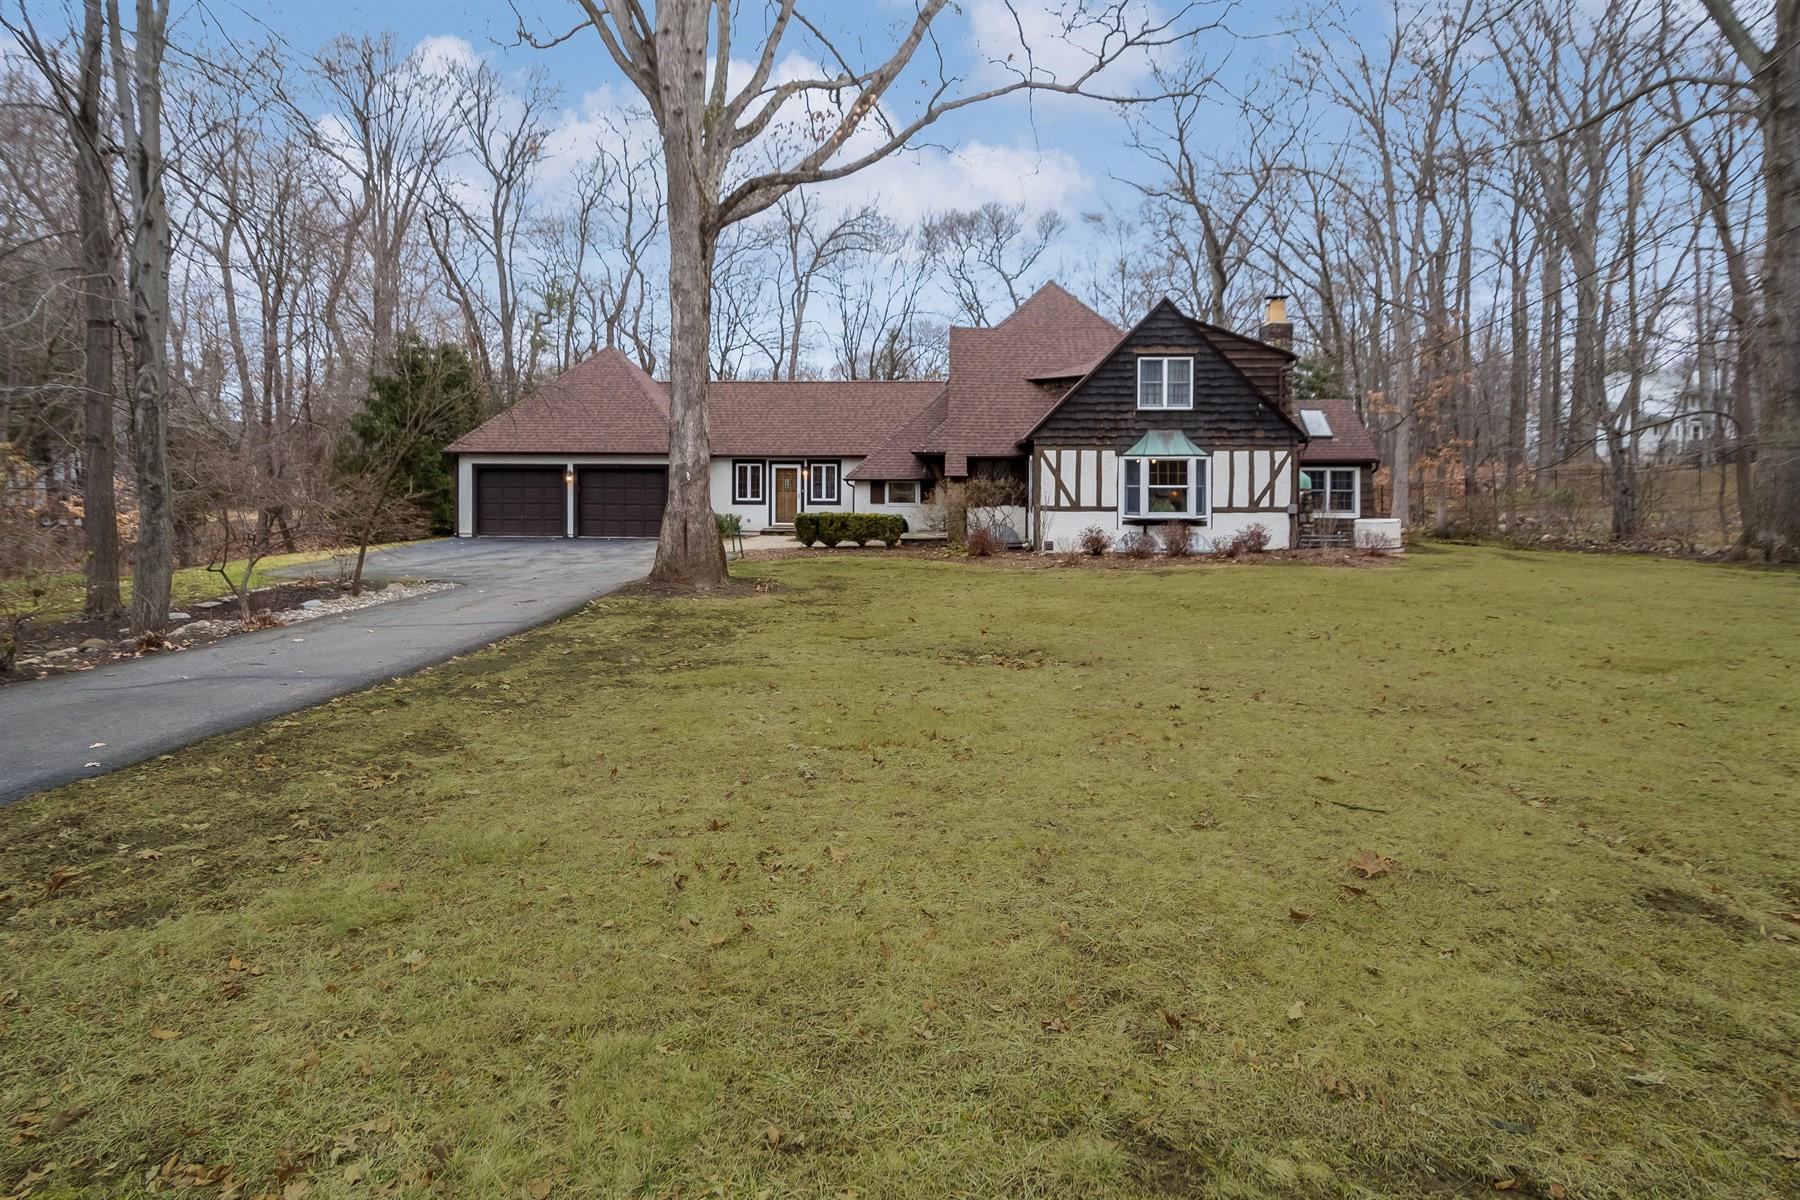 Частный односемейный дом для того Продажа на Exquisite Custom Tudor 24 Old Wood Road Morris Plains, 07950 Соединенные Штаты